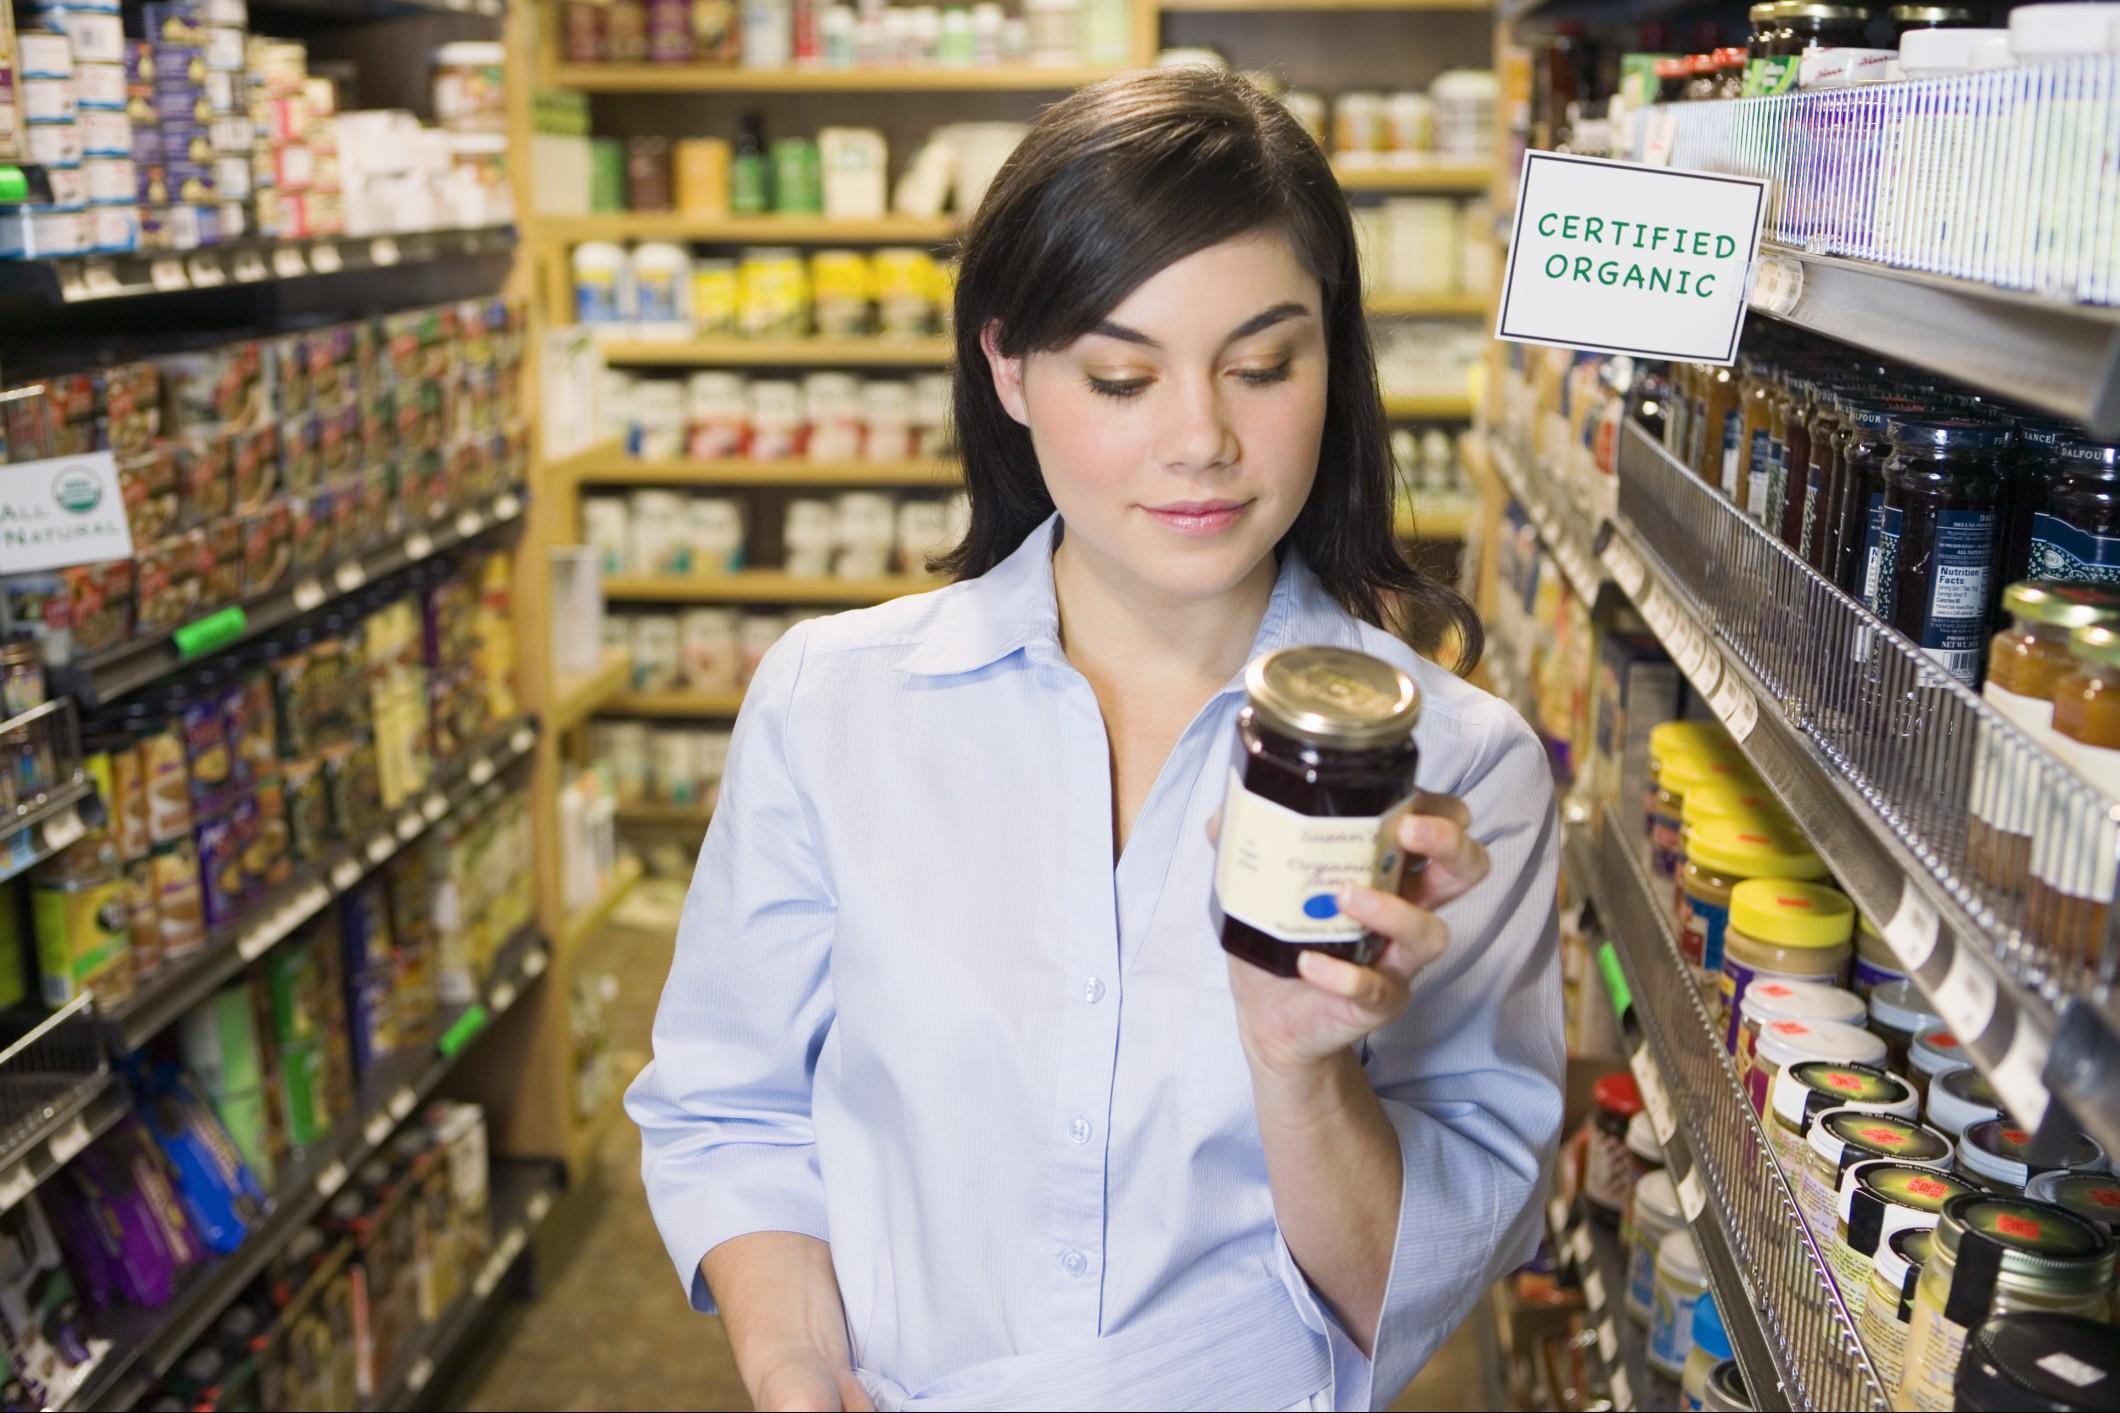 Etichette e scadenza: quando gli alimenti si devono buttare e quando no